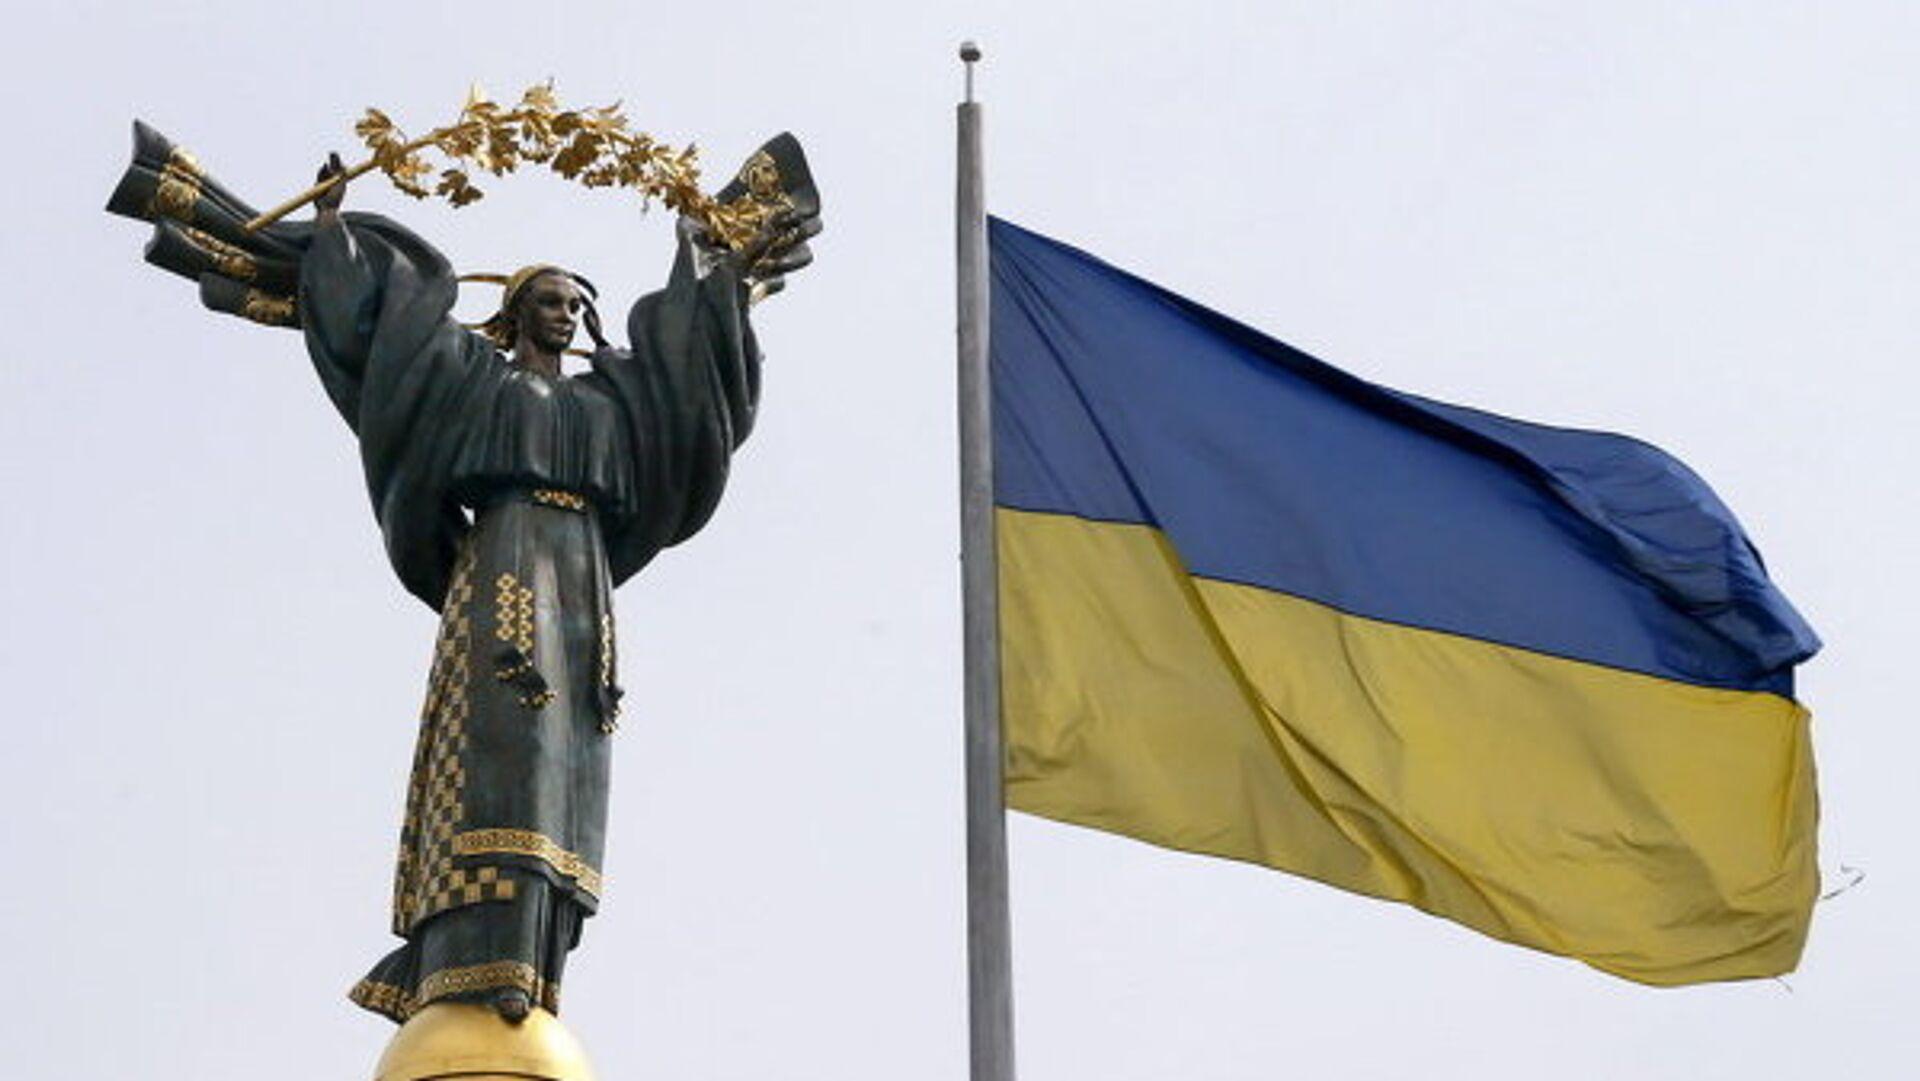 Флаг Украины и монумент независимости в Киеве. Архивное фото - РИА Новости, 1920, 17.03.2021